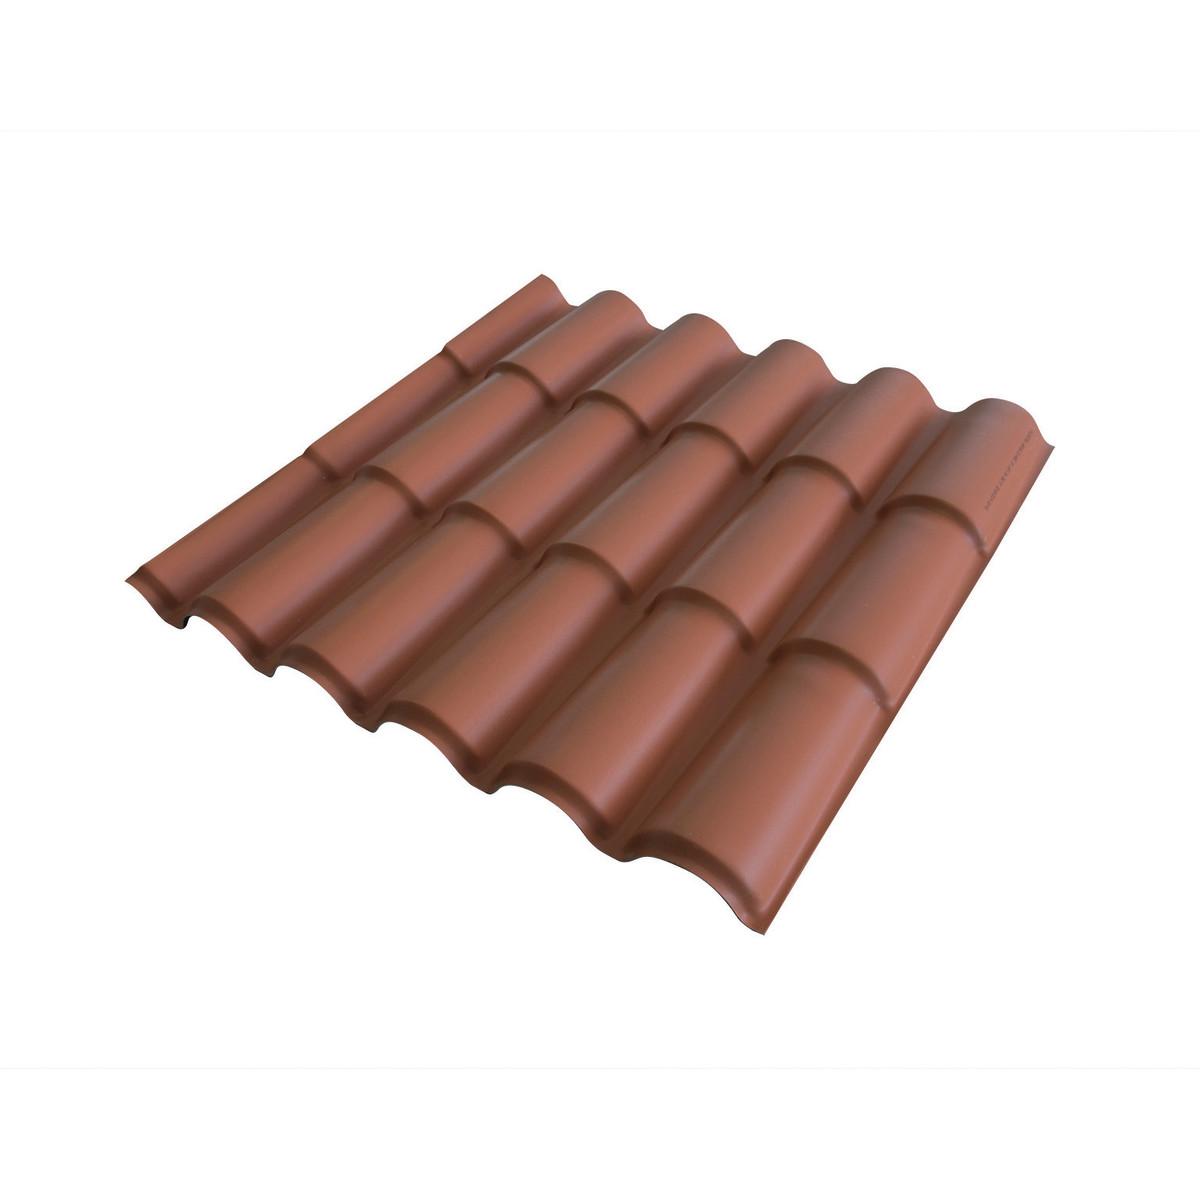 Lastre e coperture in policarbonato e altri materiali: prezzi e ...